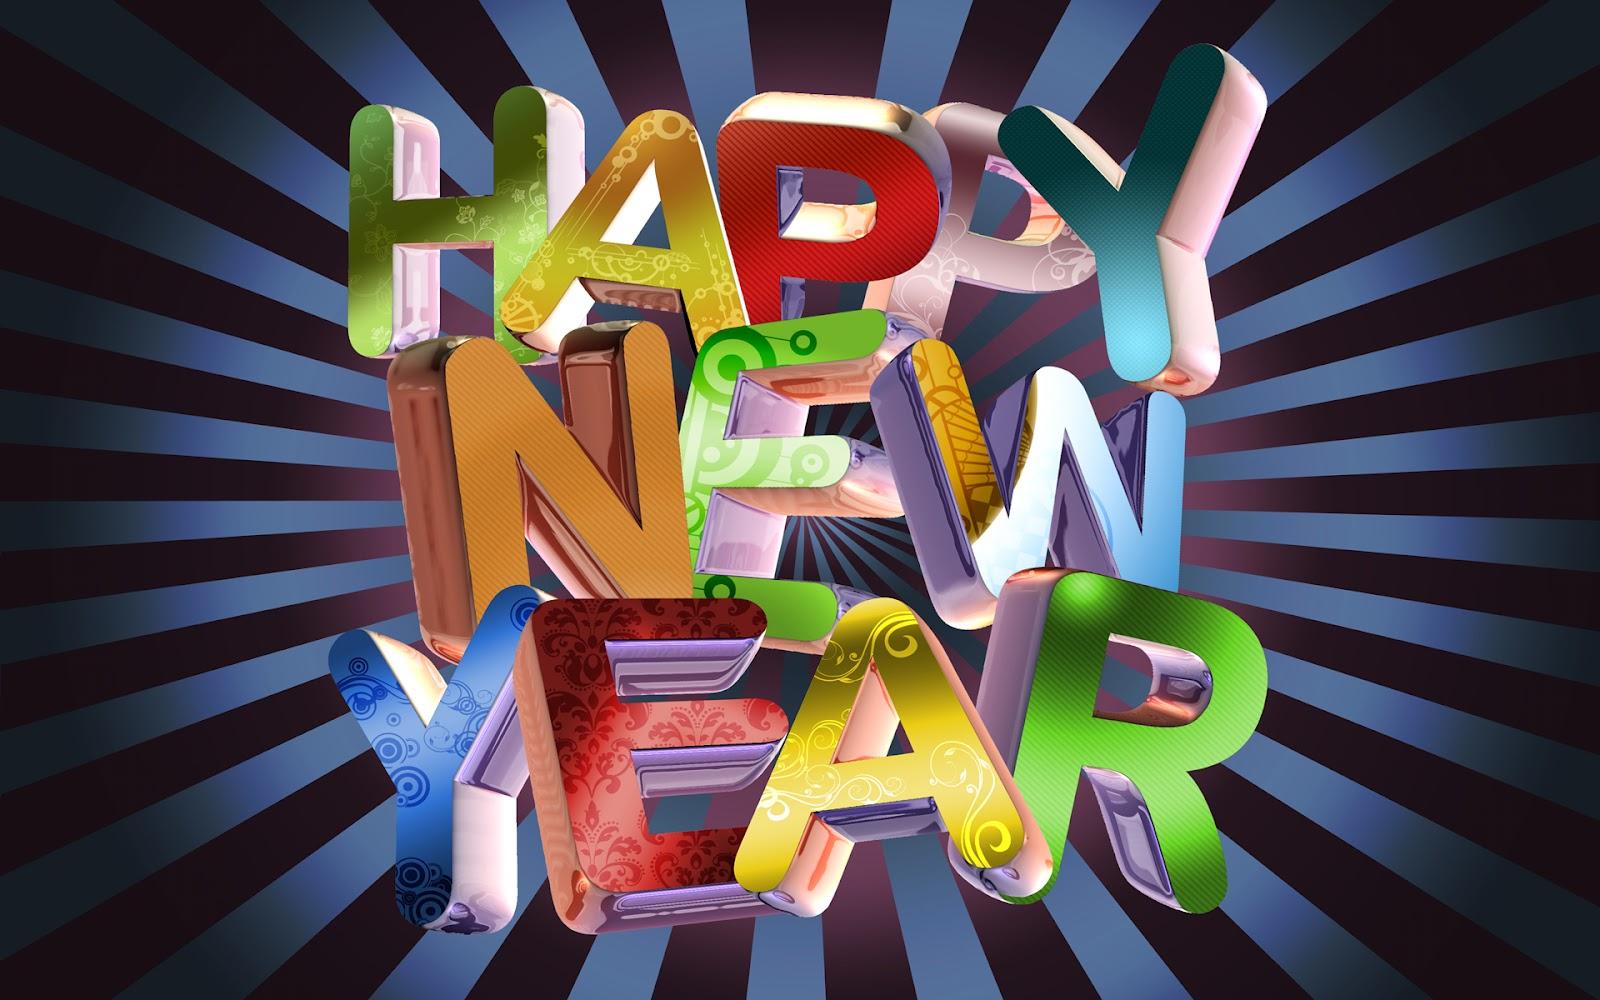 3D New Year 2014 Wallpaper